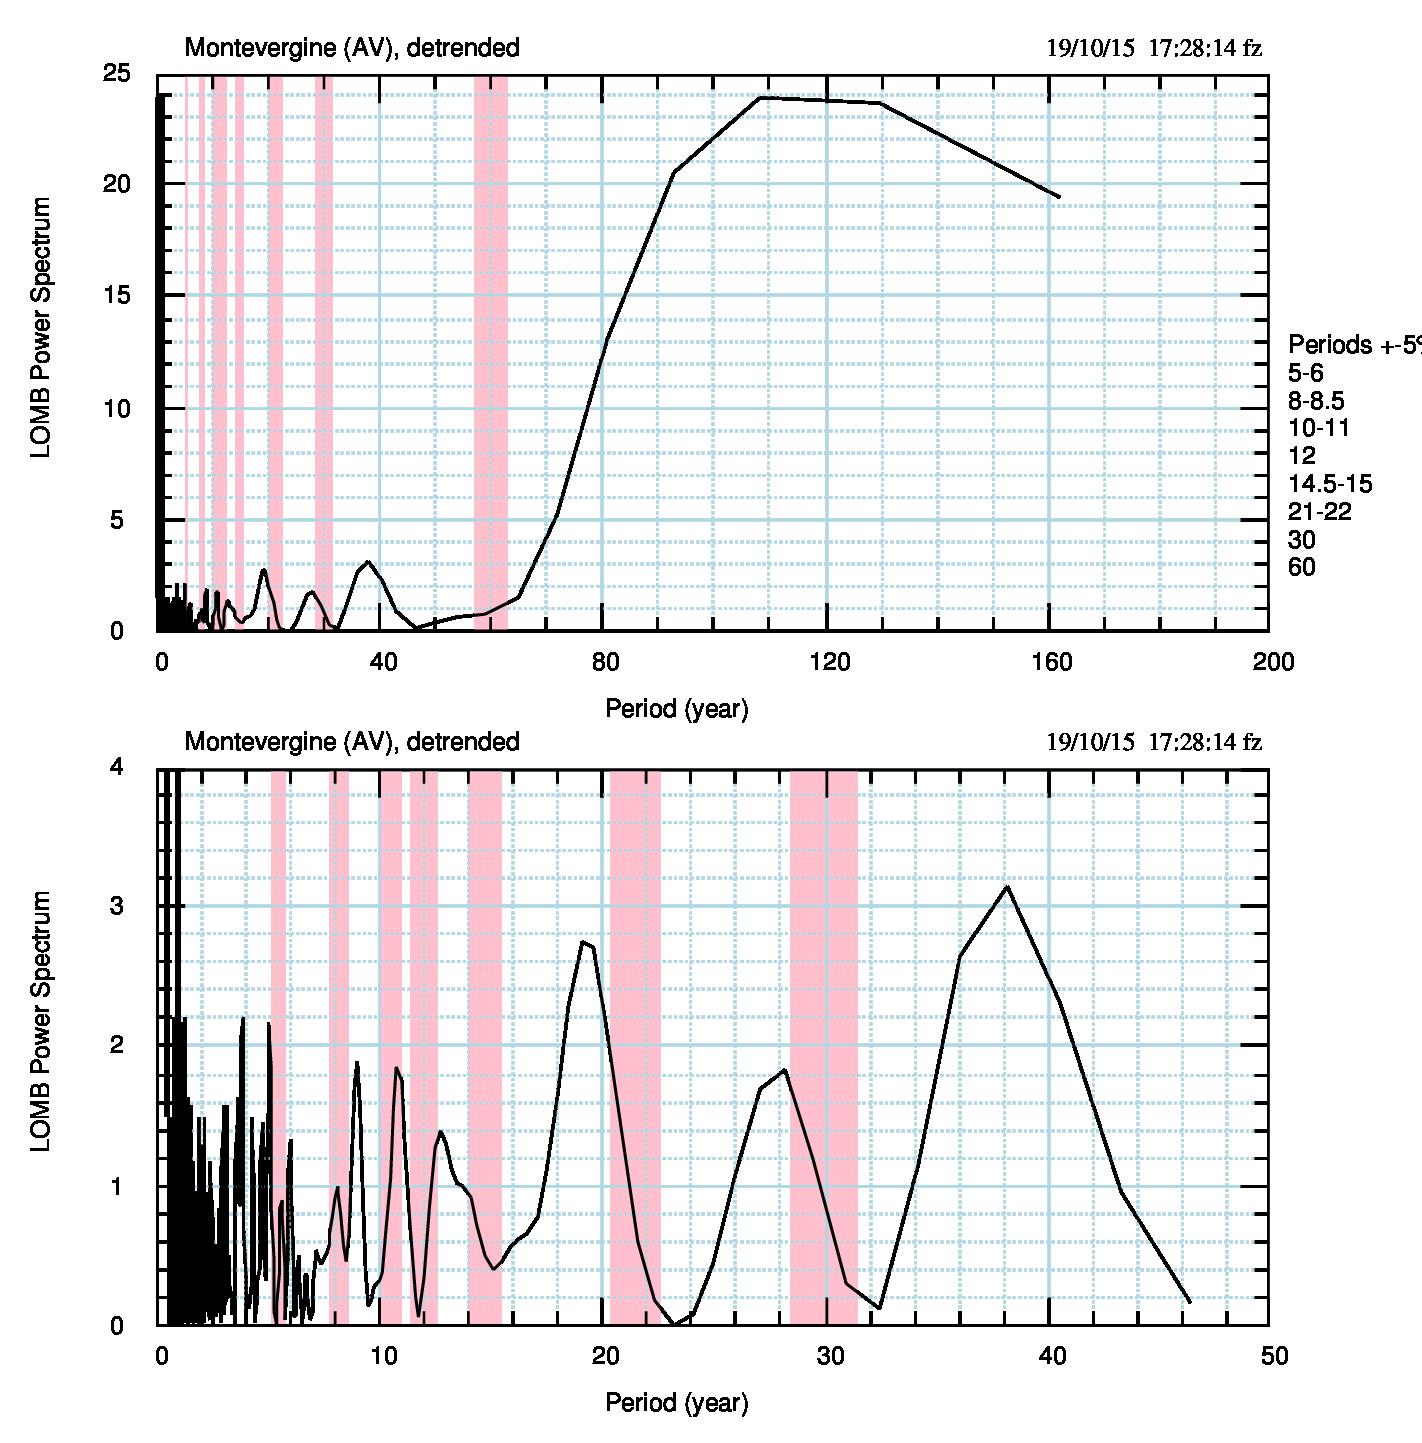 Fig.5. Periodogramma di Lomb delle temperature medie annuali. Le bande rosa rappresentano la posizione di alcuni massimi derivati da Scafetta (2010) come firma di fenomeni astronomici, con un'incertezza di ±5%.